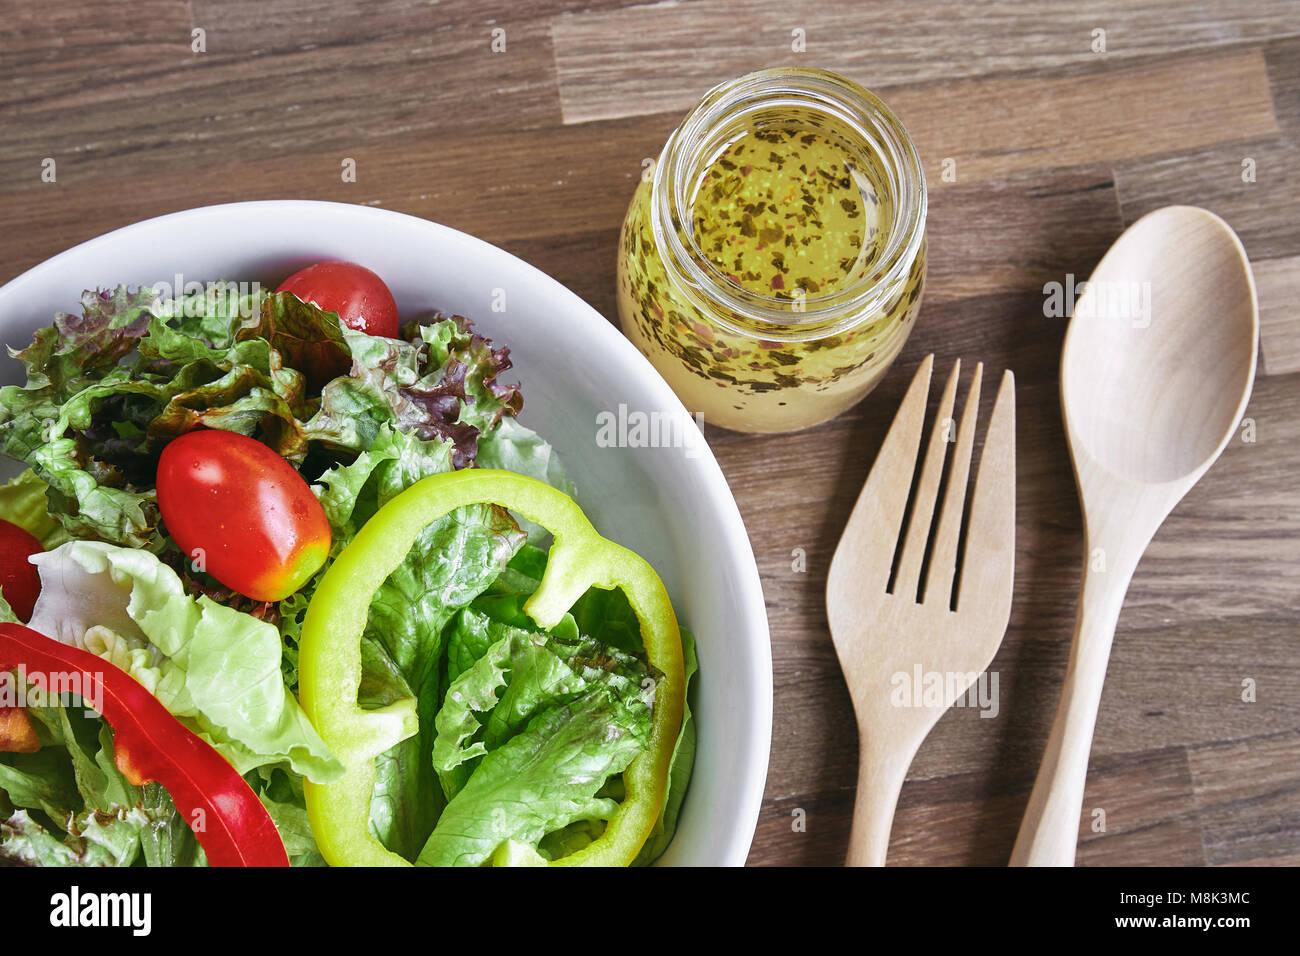 Frisches Gemüse Gemischter Salat Tomaten Und Paprika Mit Dressing